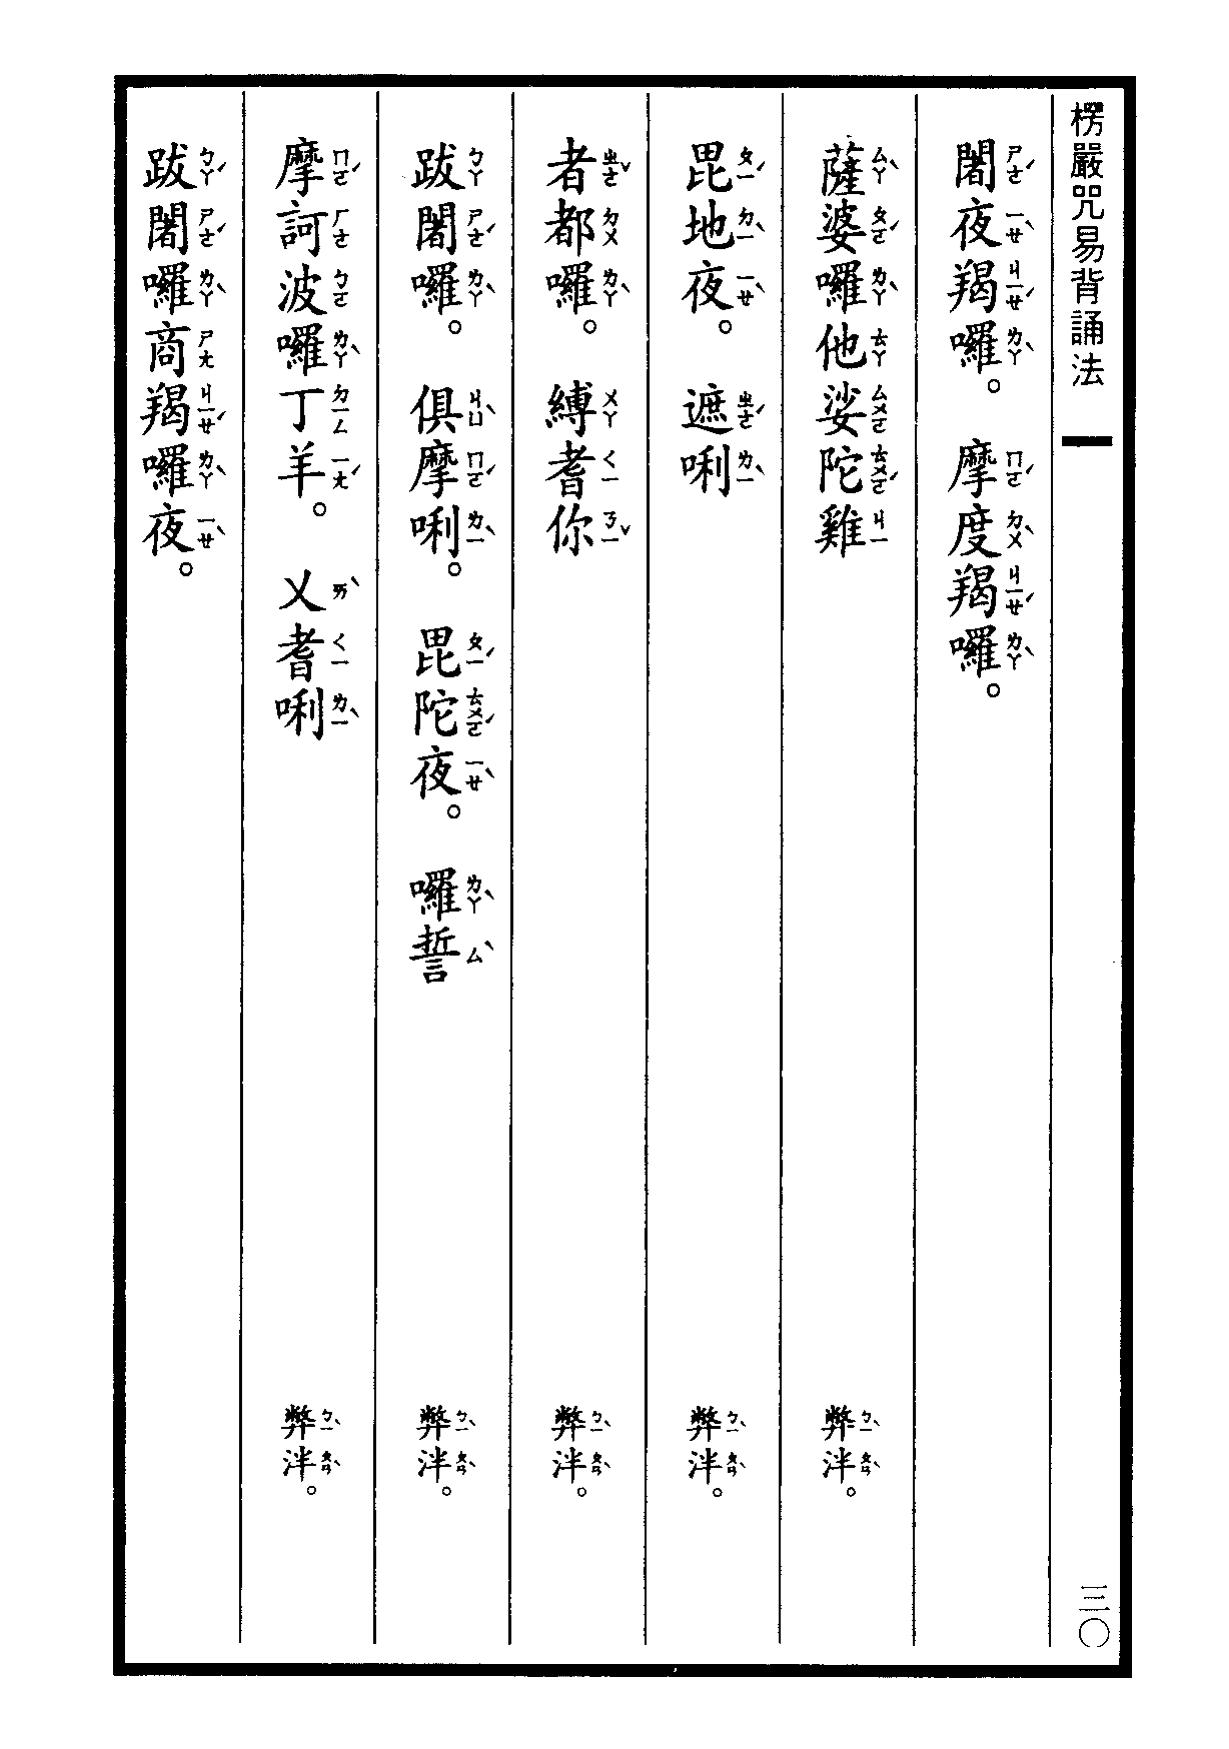 楞嚴咒-大悲咒-十小咒-易背本 36.png